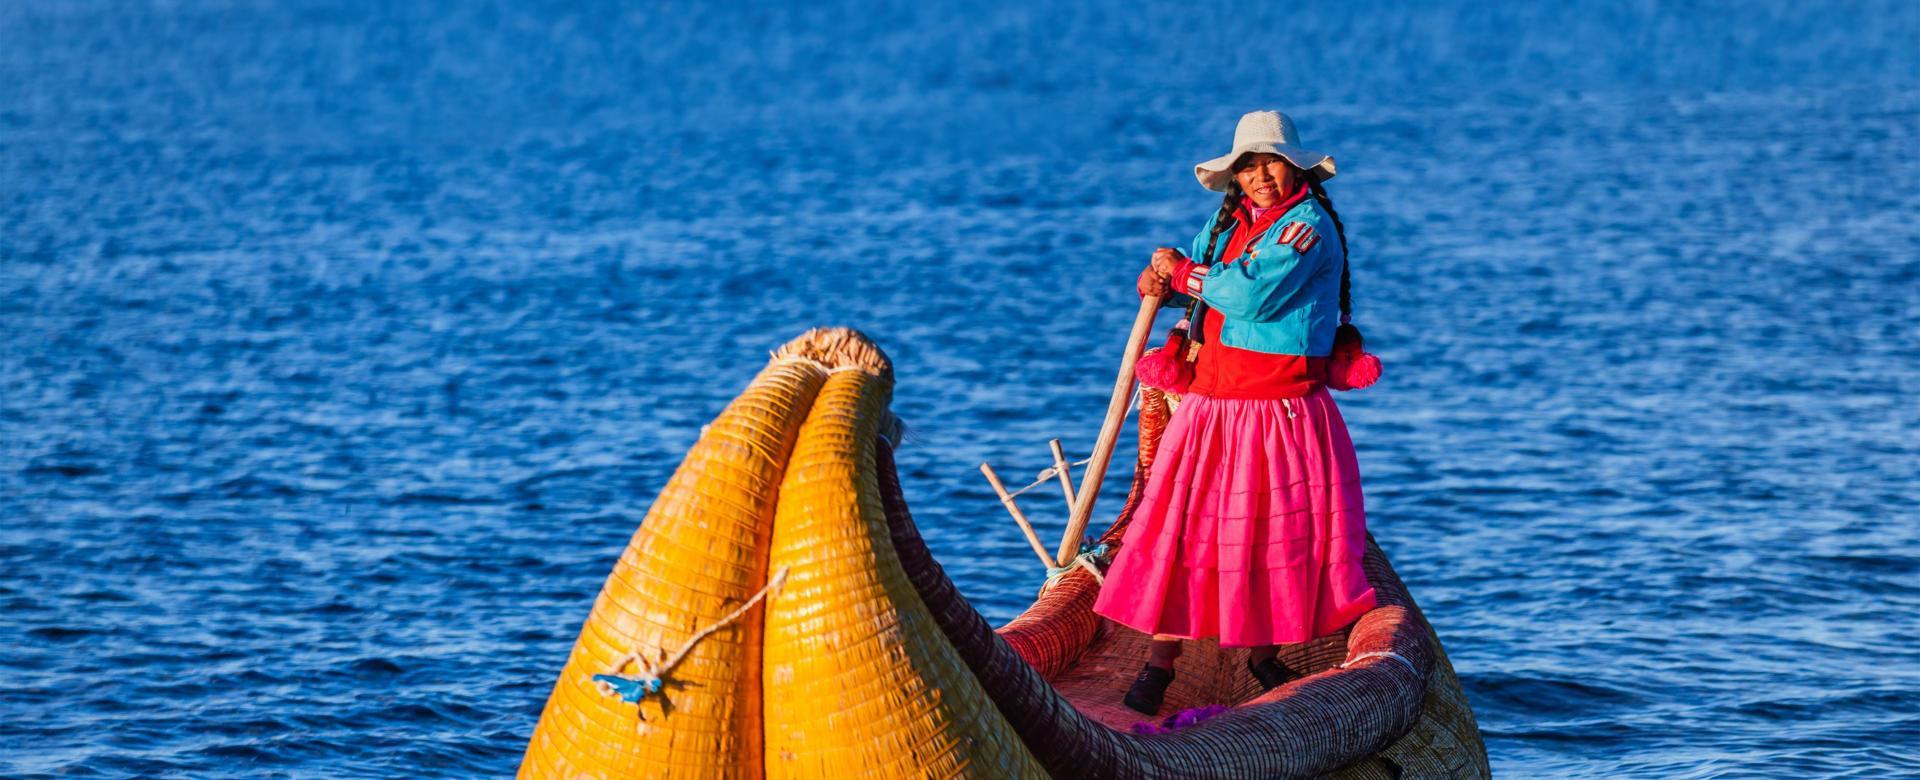 Voyage à pied : Contrastes péruviens